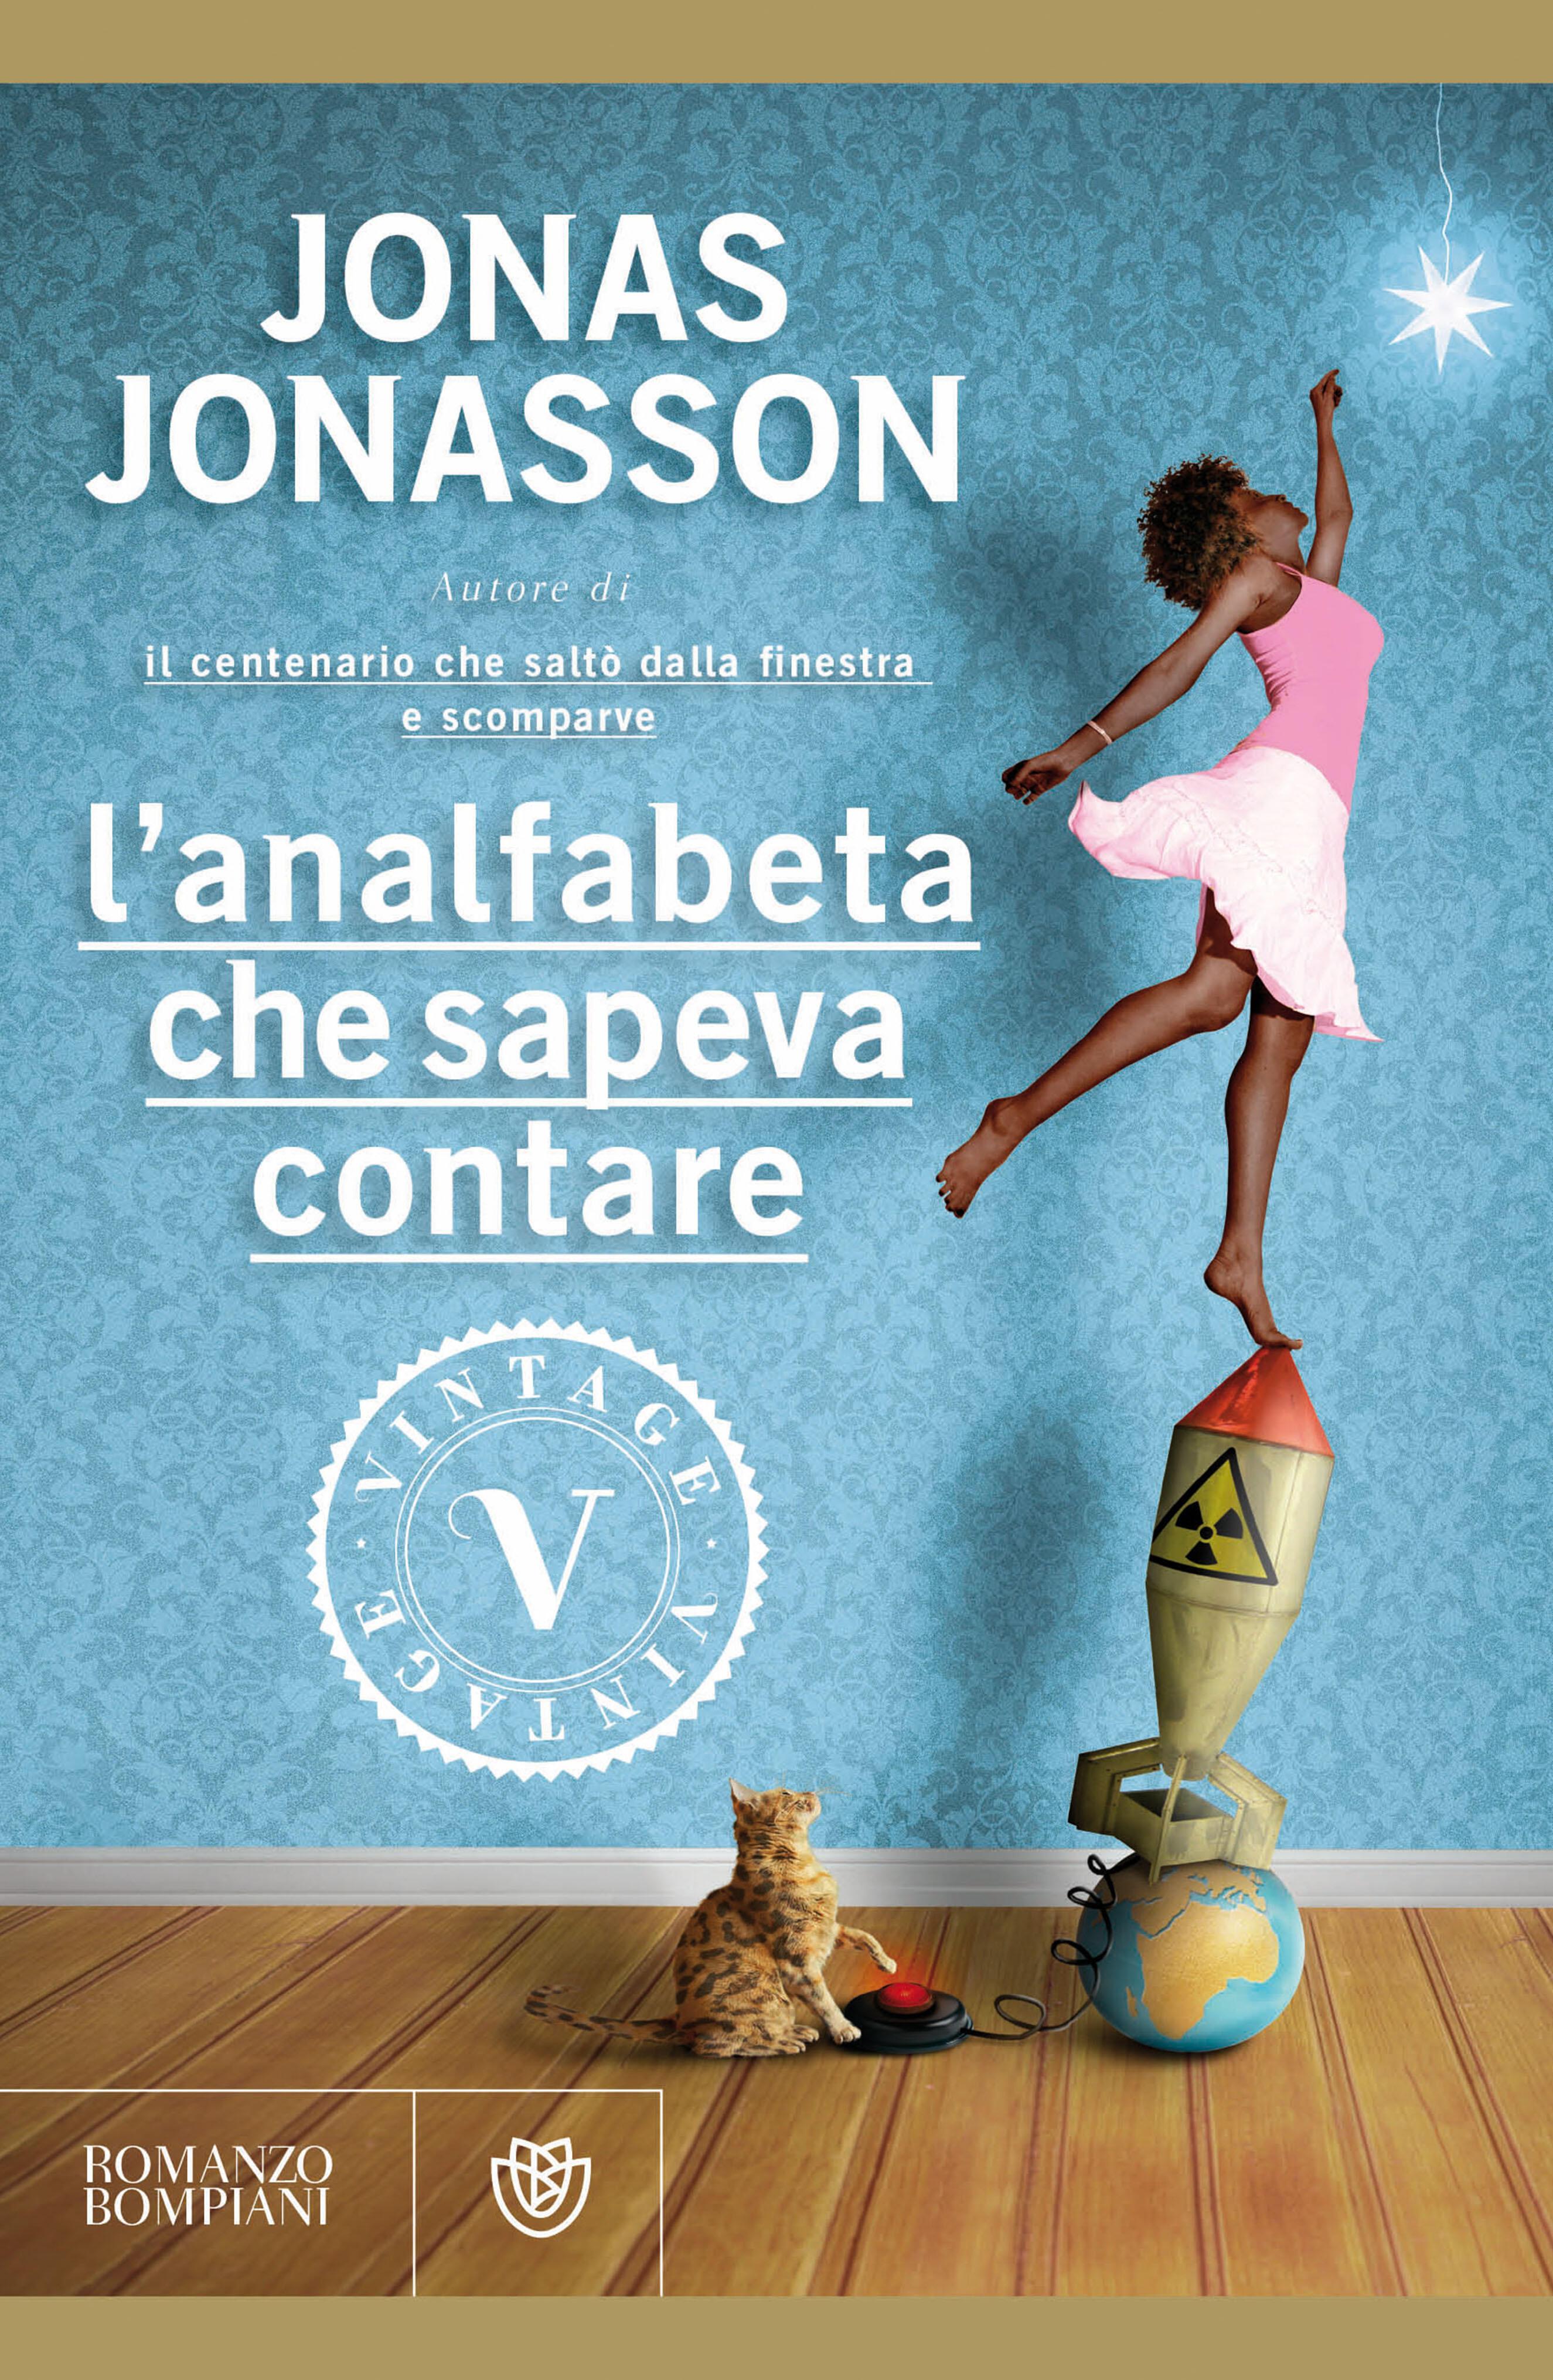 Analfabeta che sapeva contare jonasson jonas ebook - Jonas jonasson il centenario che salto dalla finestra e scomparve ...